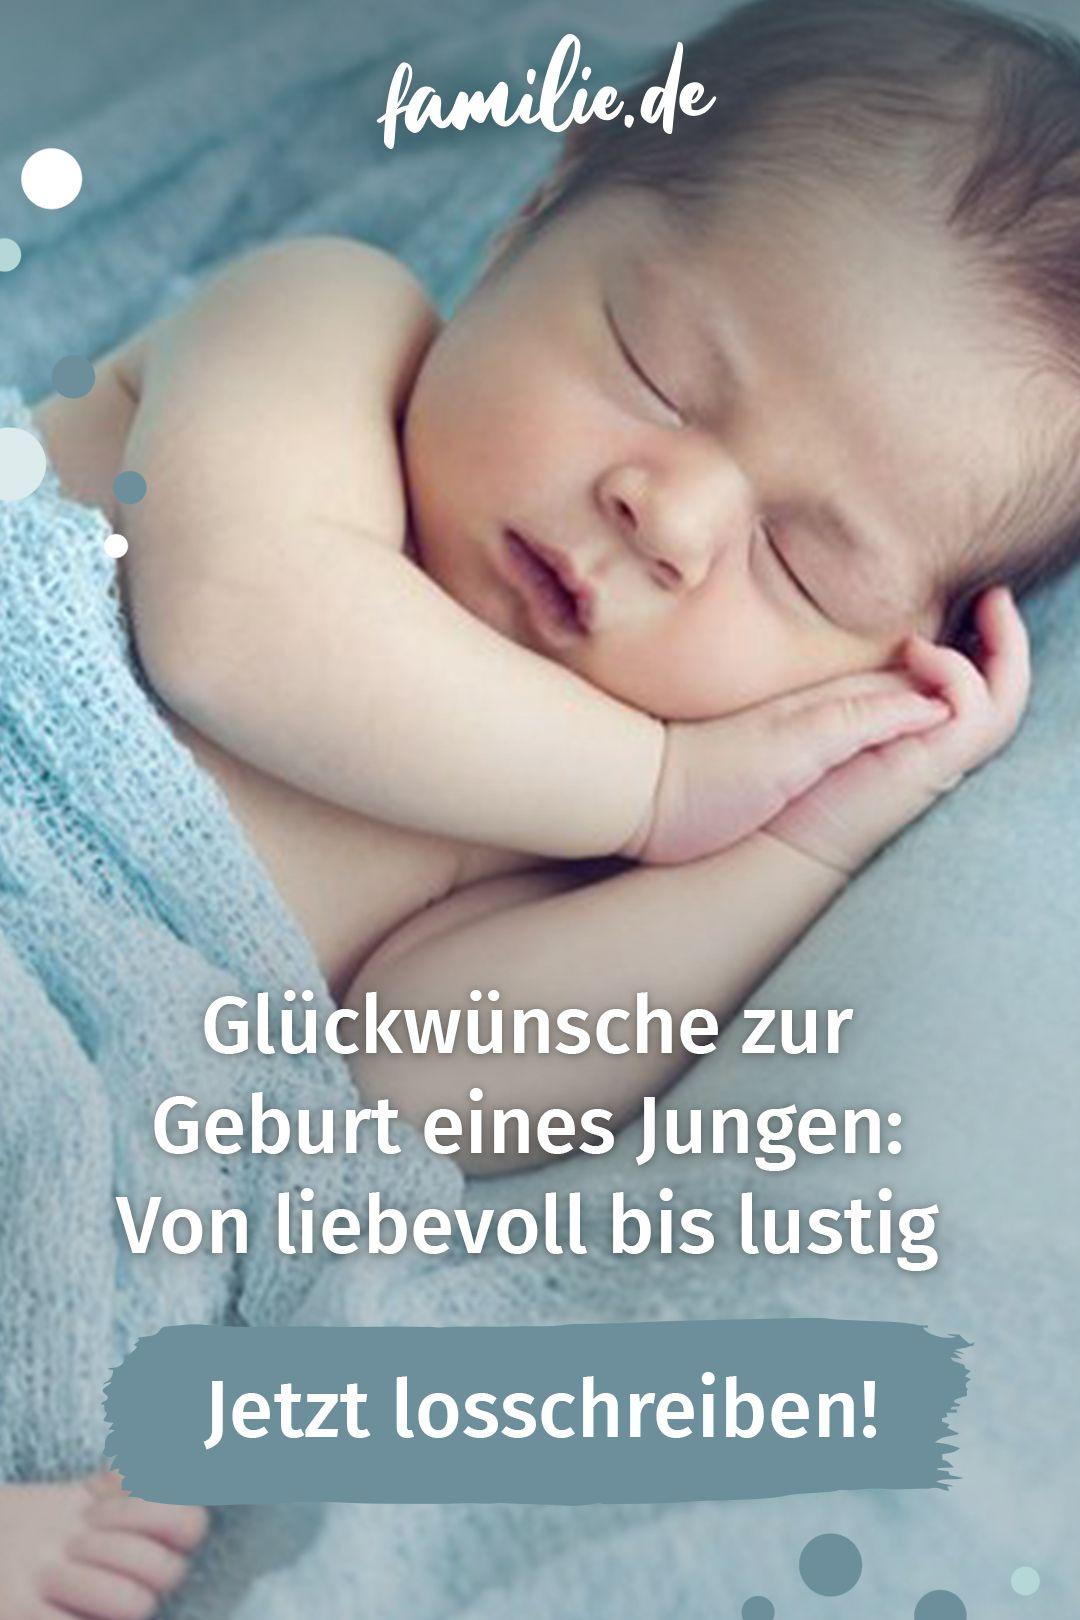 Glückwünsche Zur Geburt Eines Jungen Von Liebevoll Bis Lustig Familie De Herzliche Glückwünsche Zur Geburt Glückwünsche Zur Geburt Glückwunsch Zur Geburt Junge